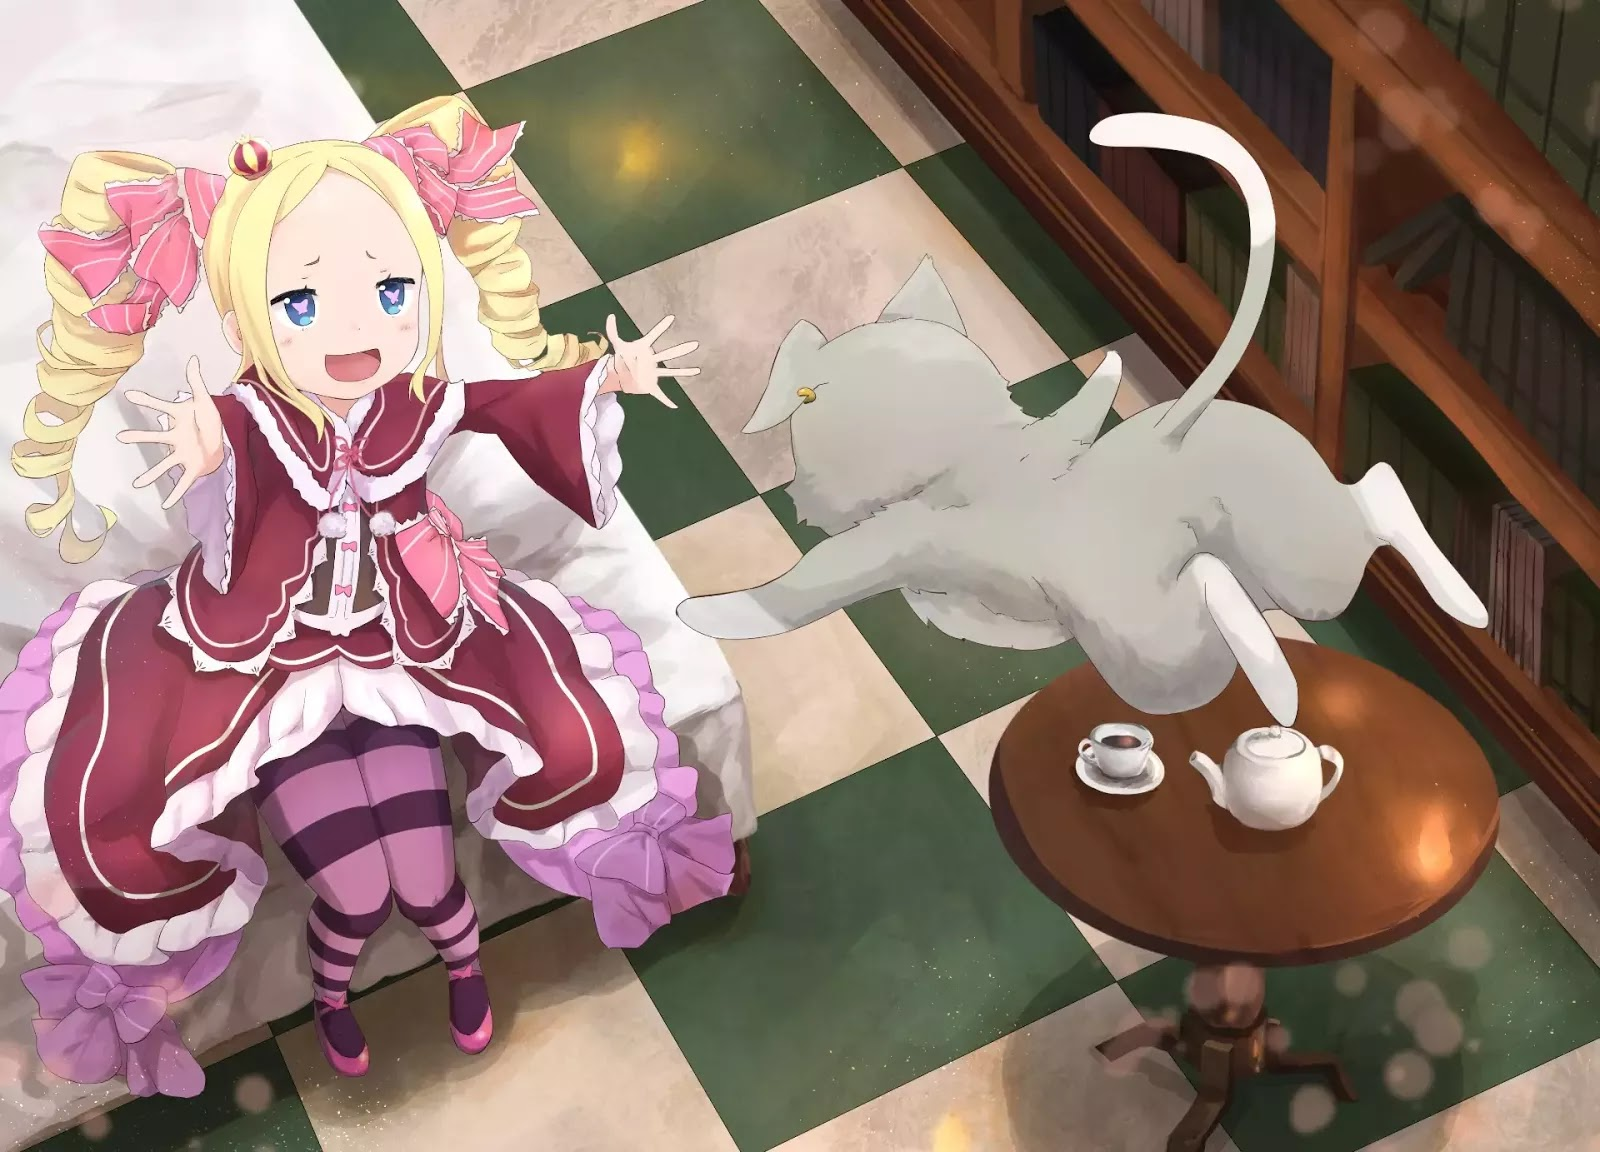 AowVN%2B%25289%2529 - [ Hình Nền ] Loli cực đẹp , cực độc Full HD | Anime Wallpaper